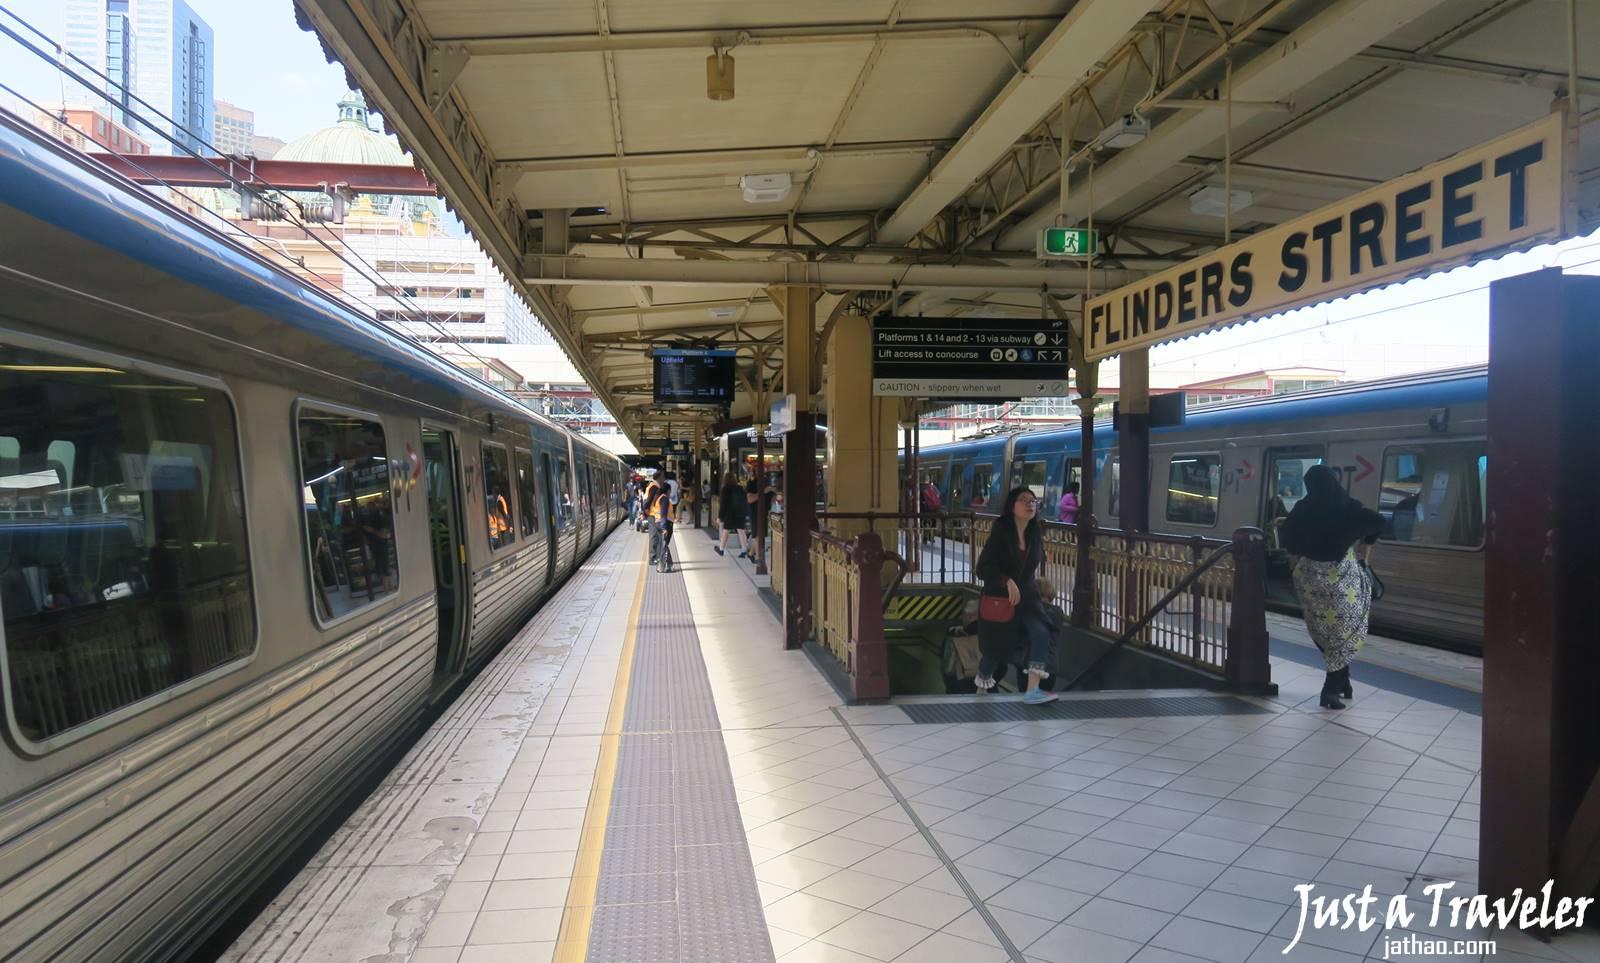 墨爾本-交通-myki-電車-火車-巴士-攻略-介紹-教學-搭乘-票價-melbourne-transport-tram-train-bus